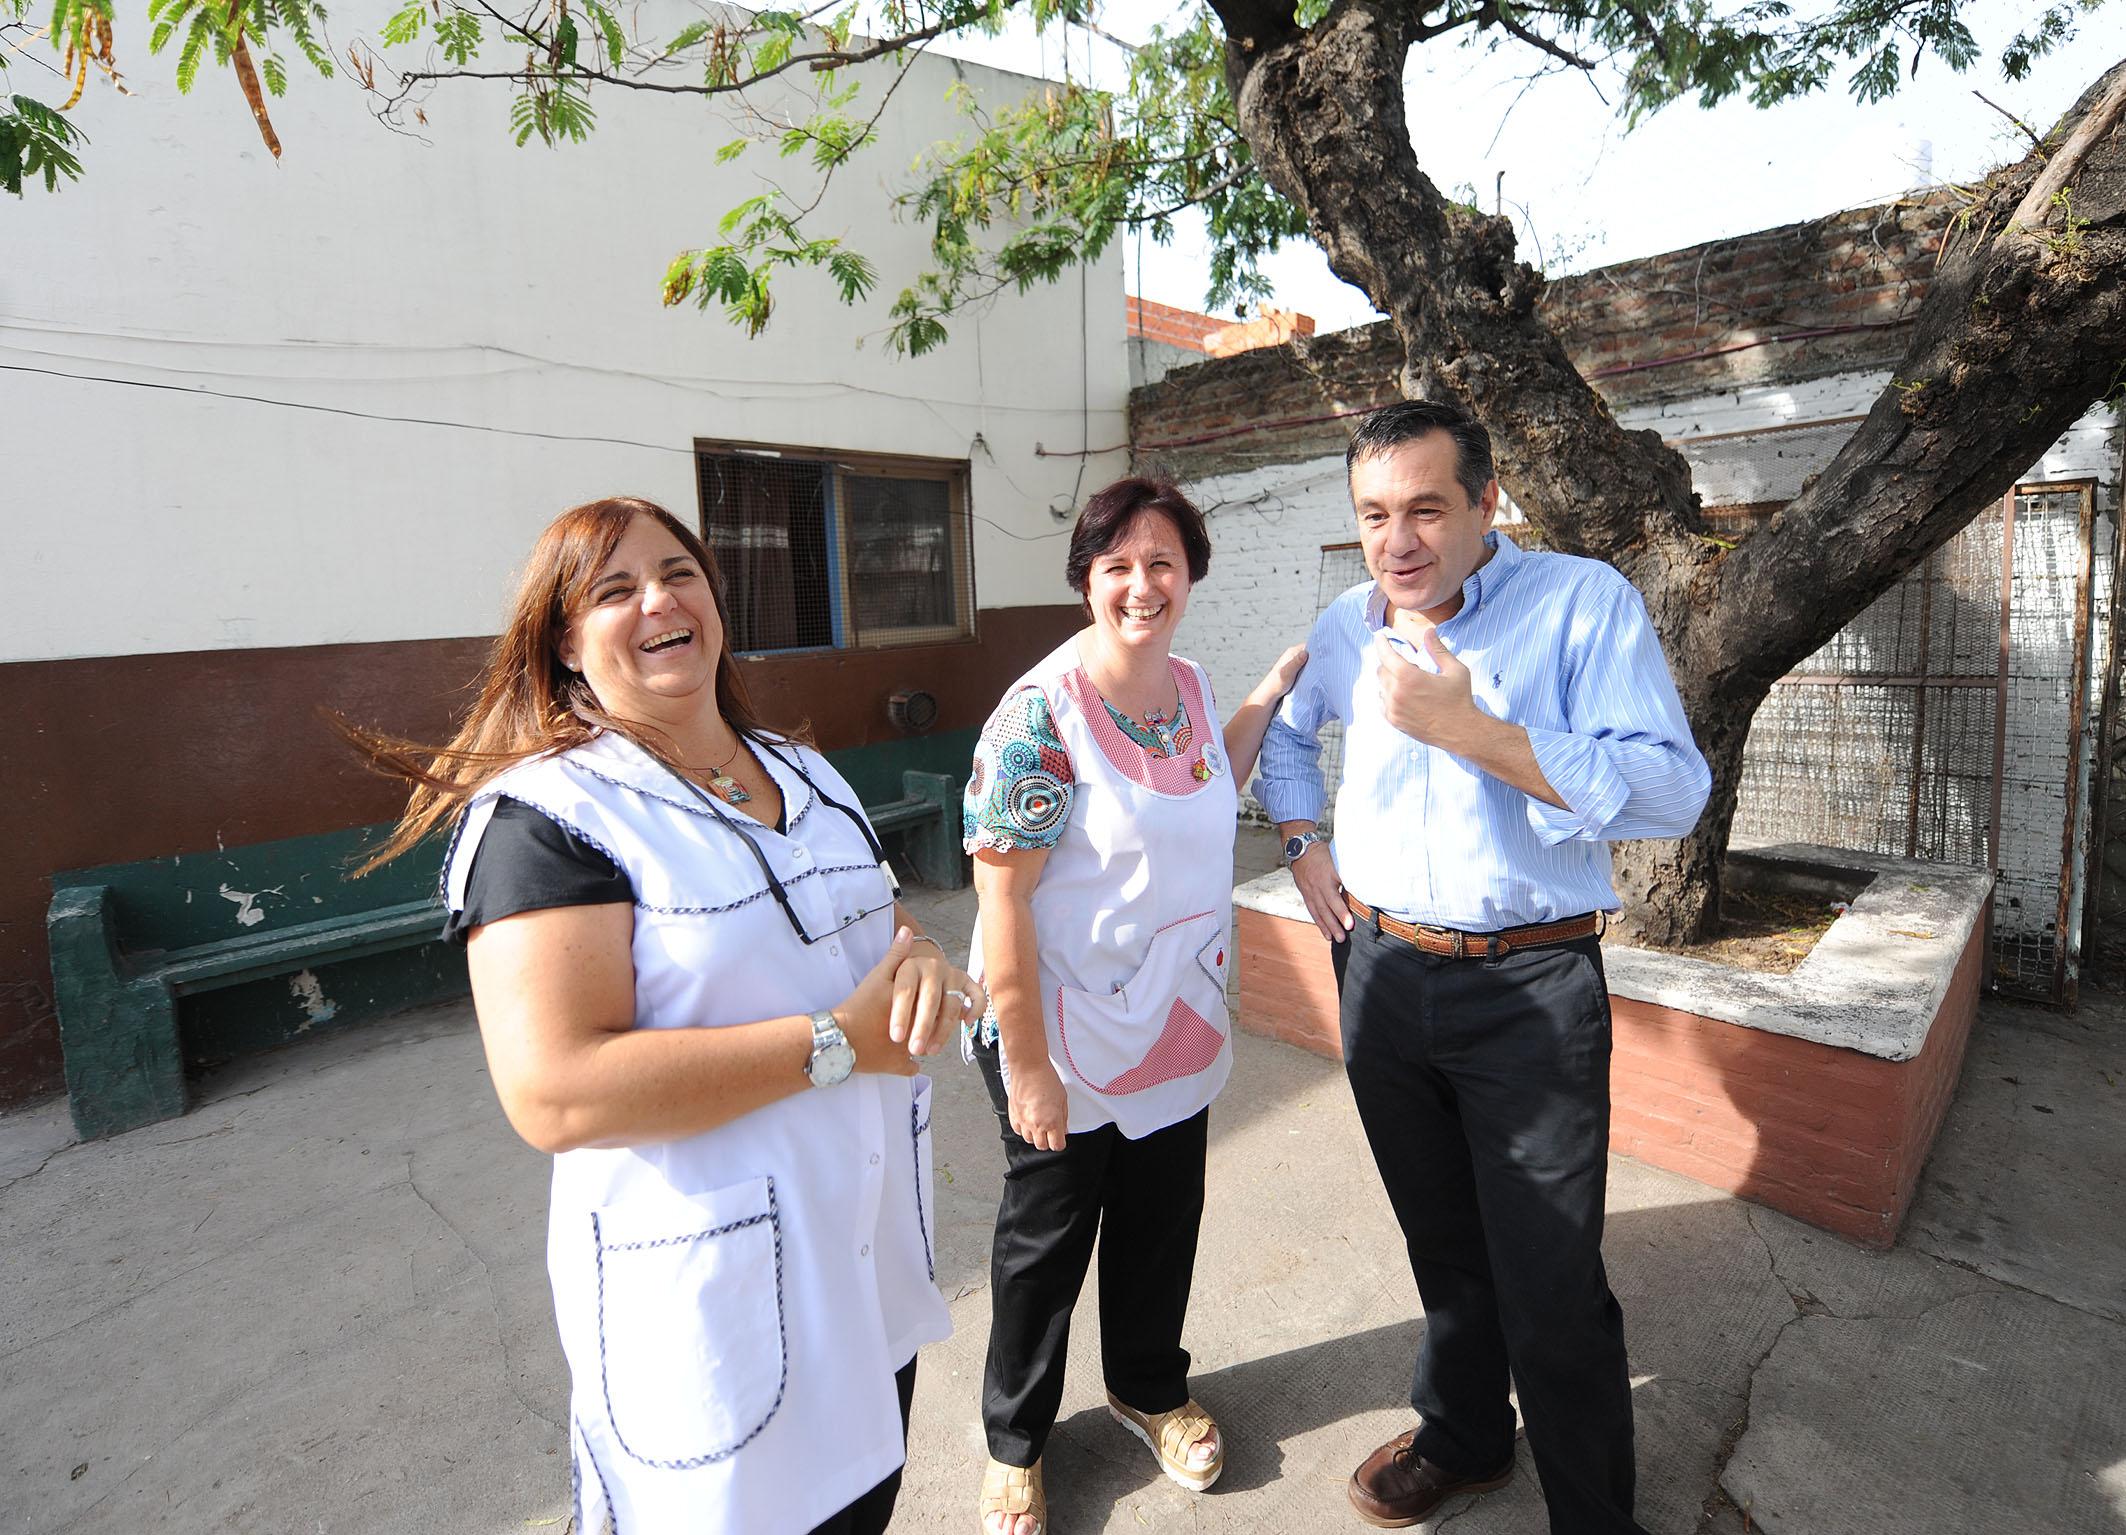 Noticias_chivilcoy_4marzo-2016 - Finocchiaro visitó la Escuela 6 de La Matanza donde curso primaria 5